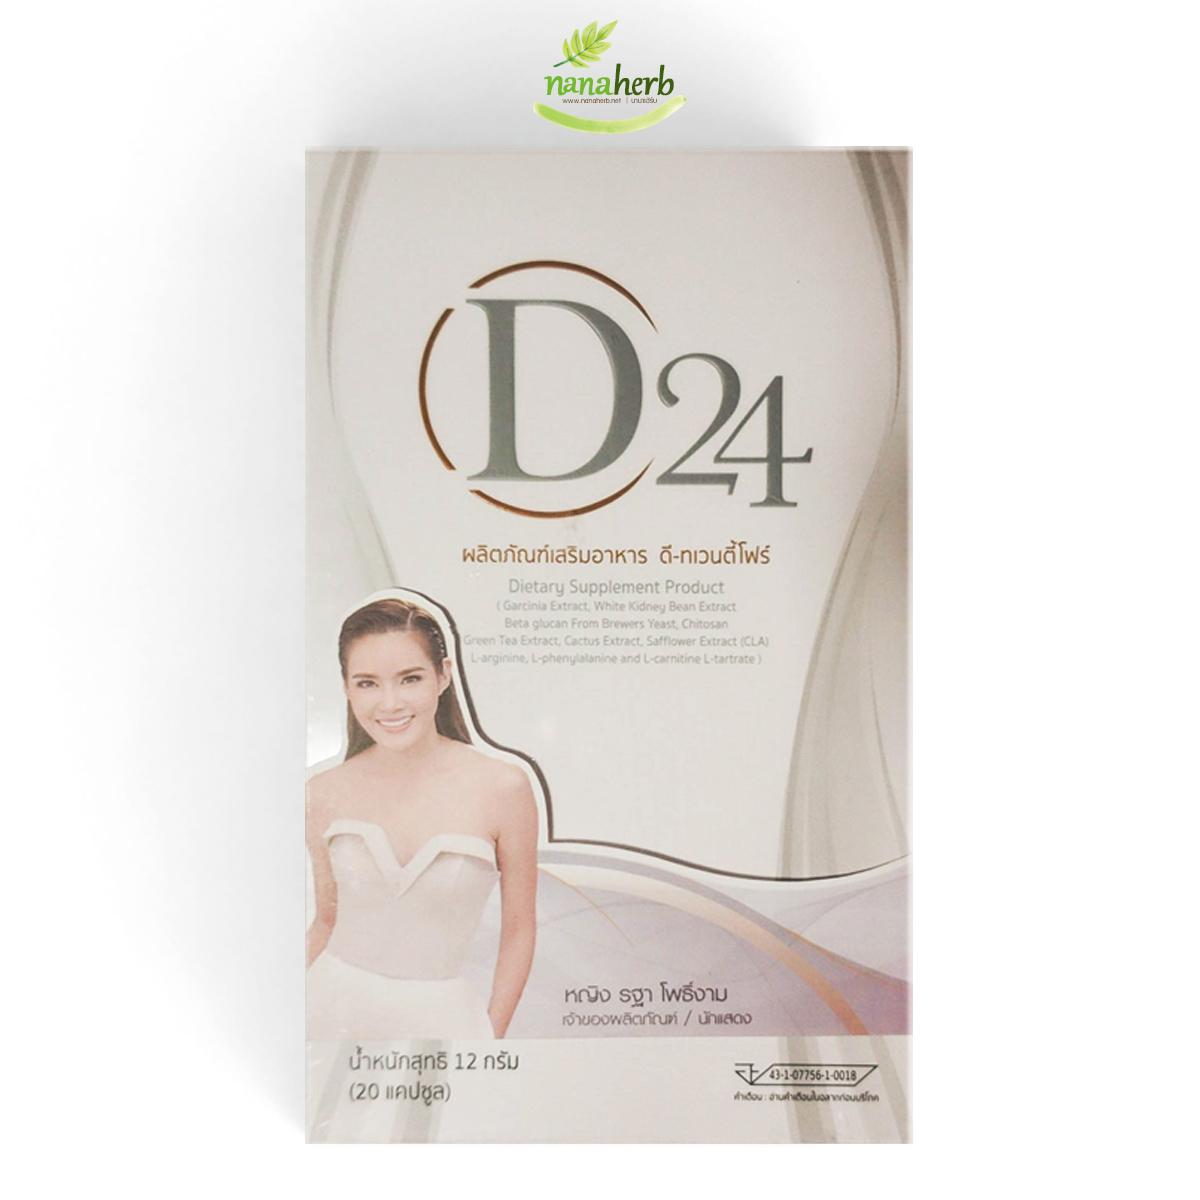 D24 (ดี-ทเวนตี้) อาหารเสริมลดน้ำหนัก ญาญ่าหญิง